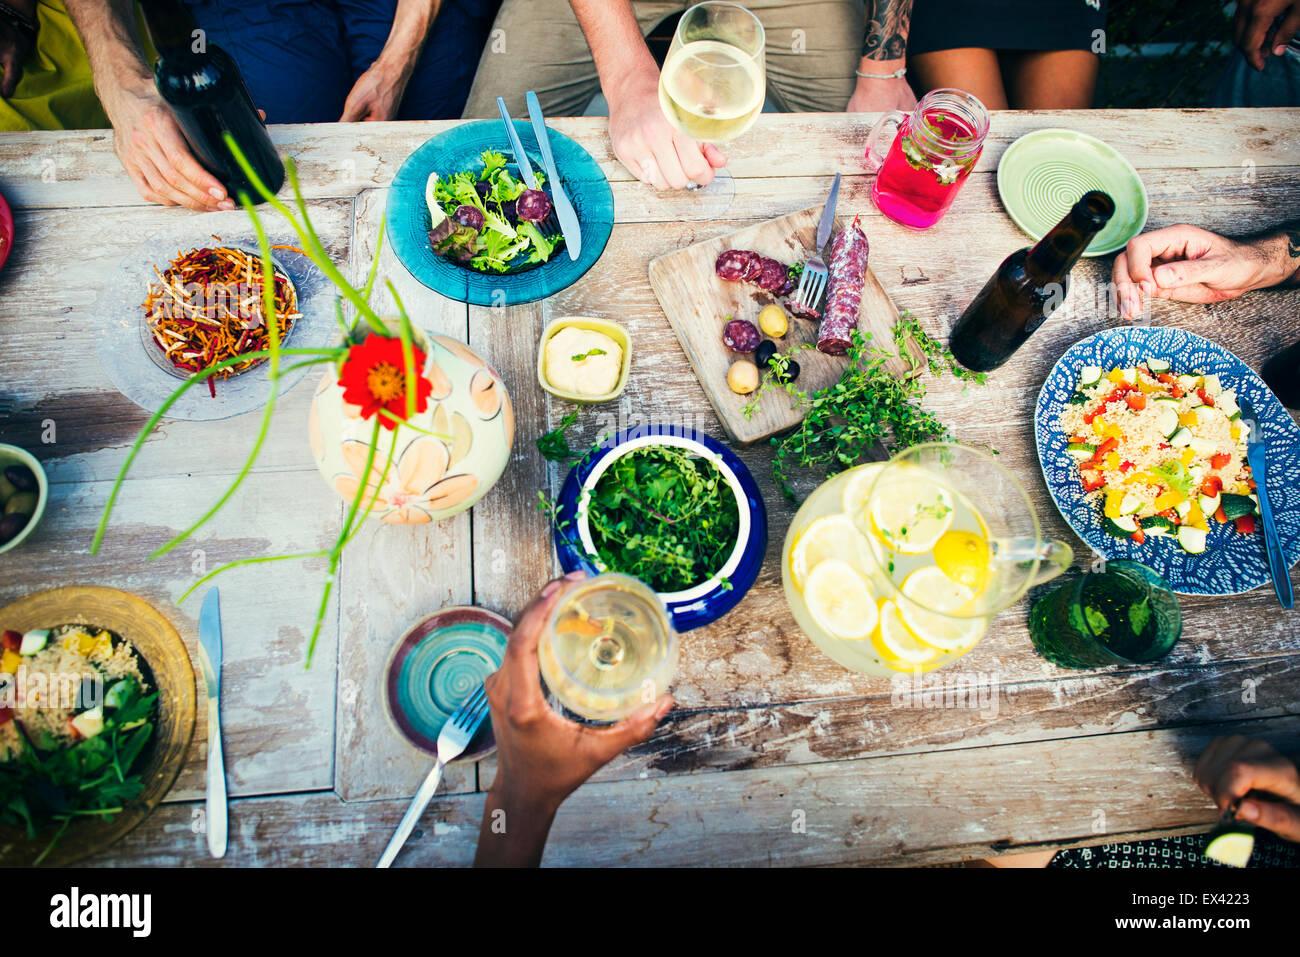 Essen gesunde Bio Essen Tischkonzept Stockbild